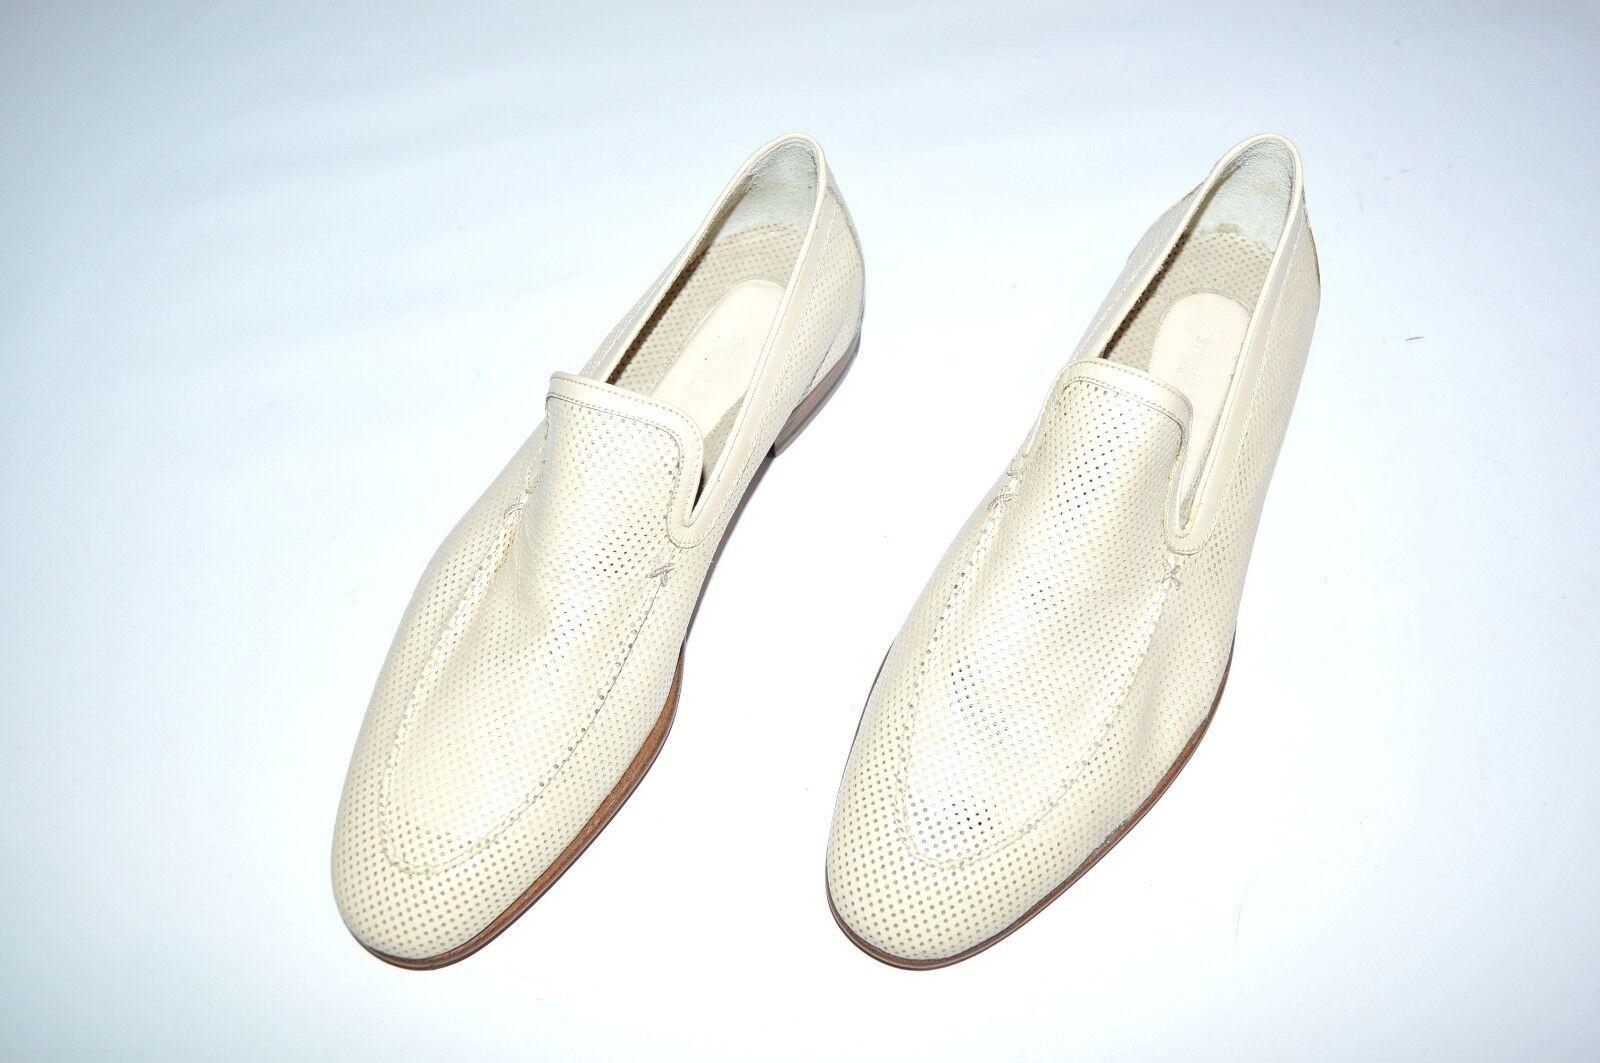 Nuevos Zapatos de piel Stefano Ricci talla nos 9 (COD 496)